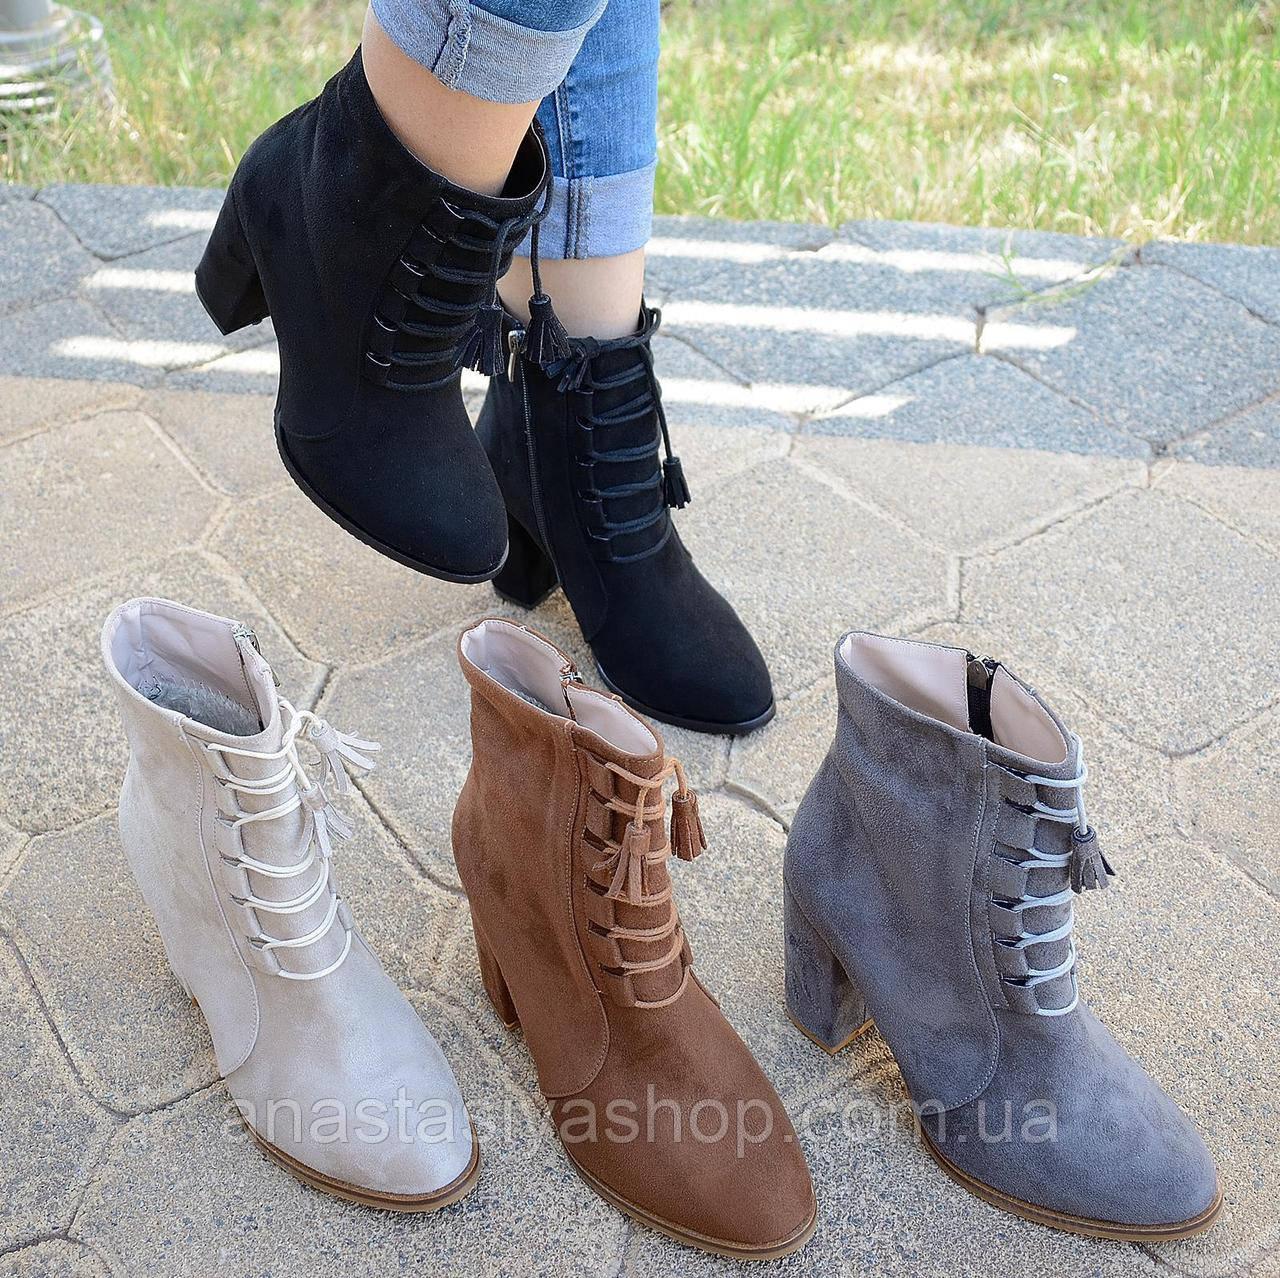 Новинка!! Женские ботинки на каблуке